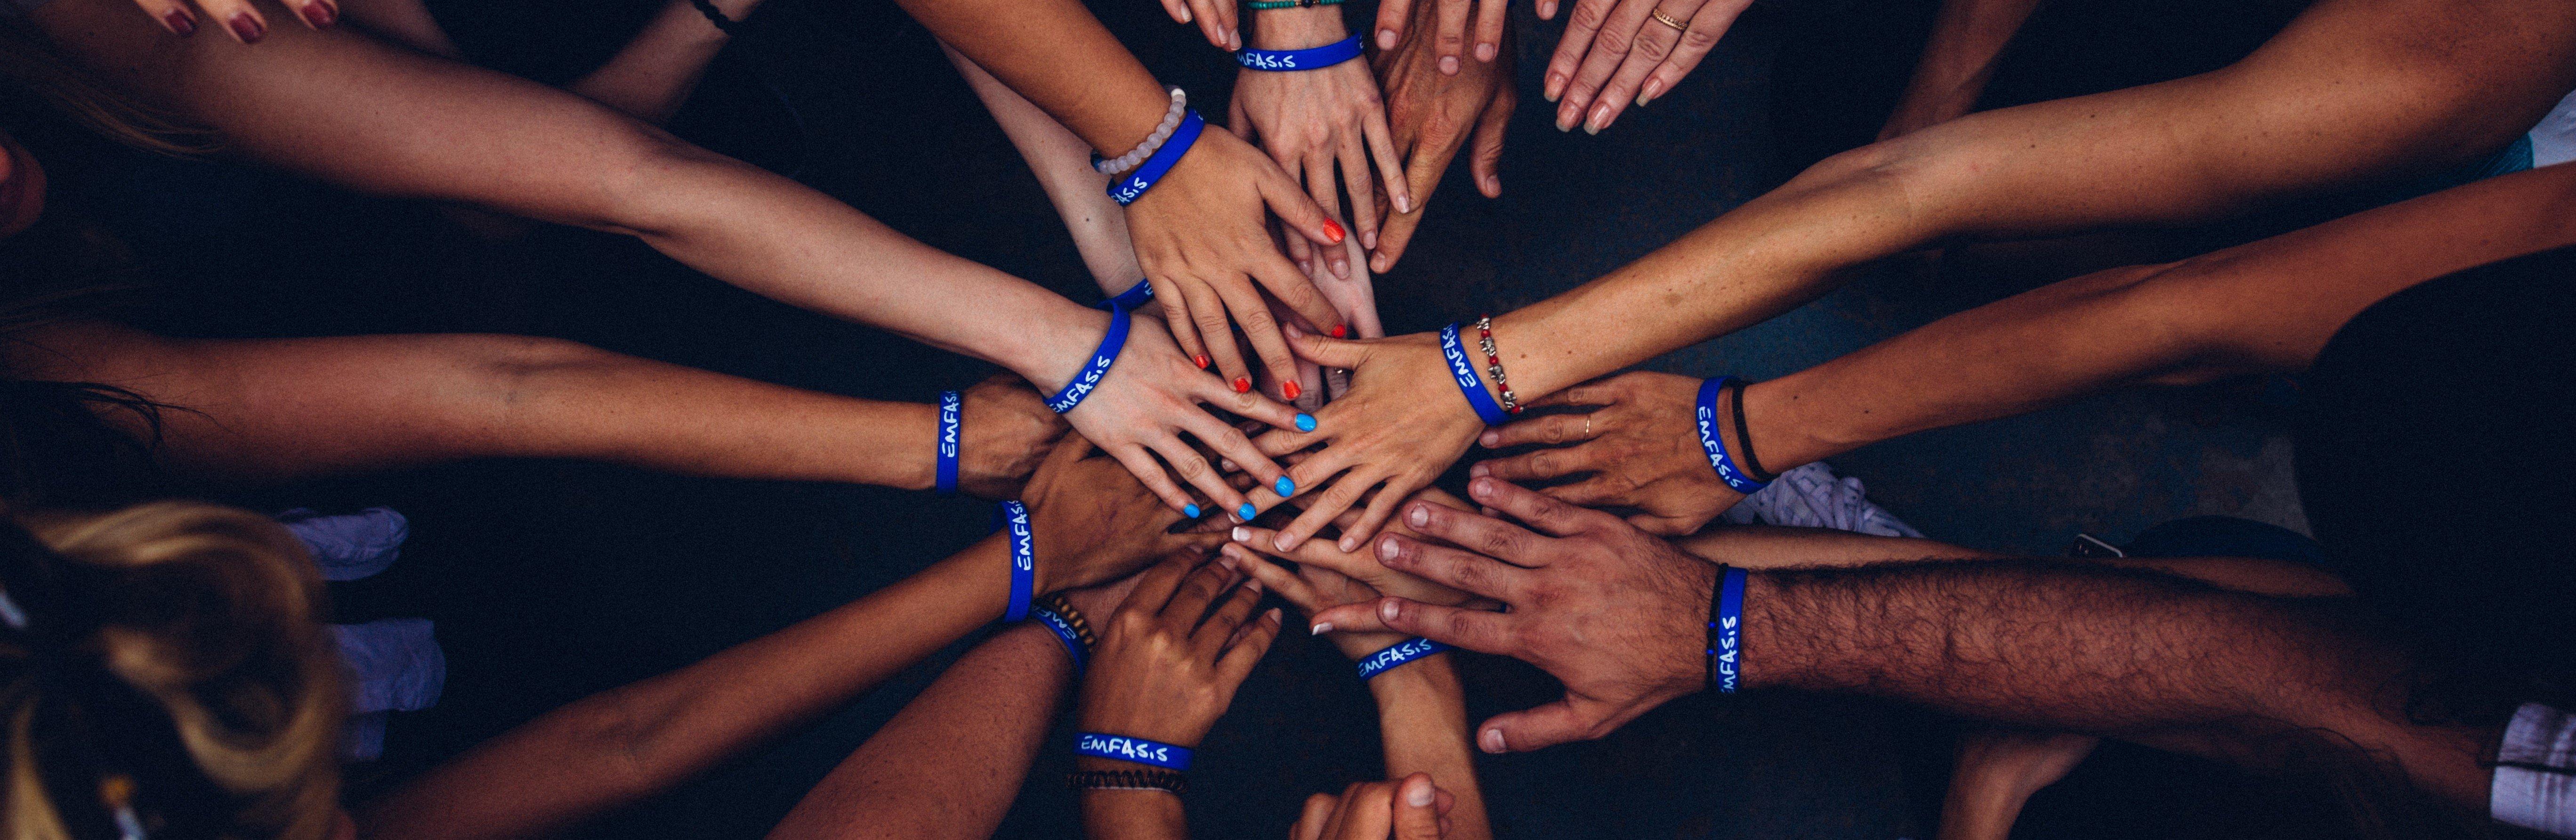 hands volunteering banner - perry-grone-732606-unsplash